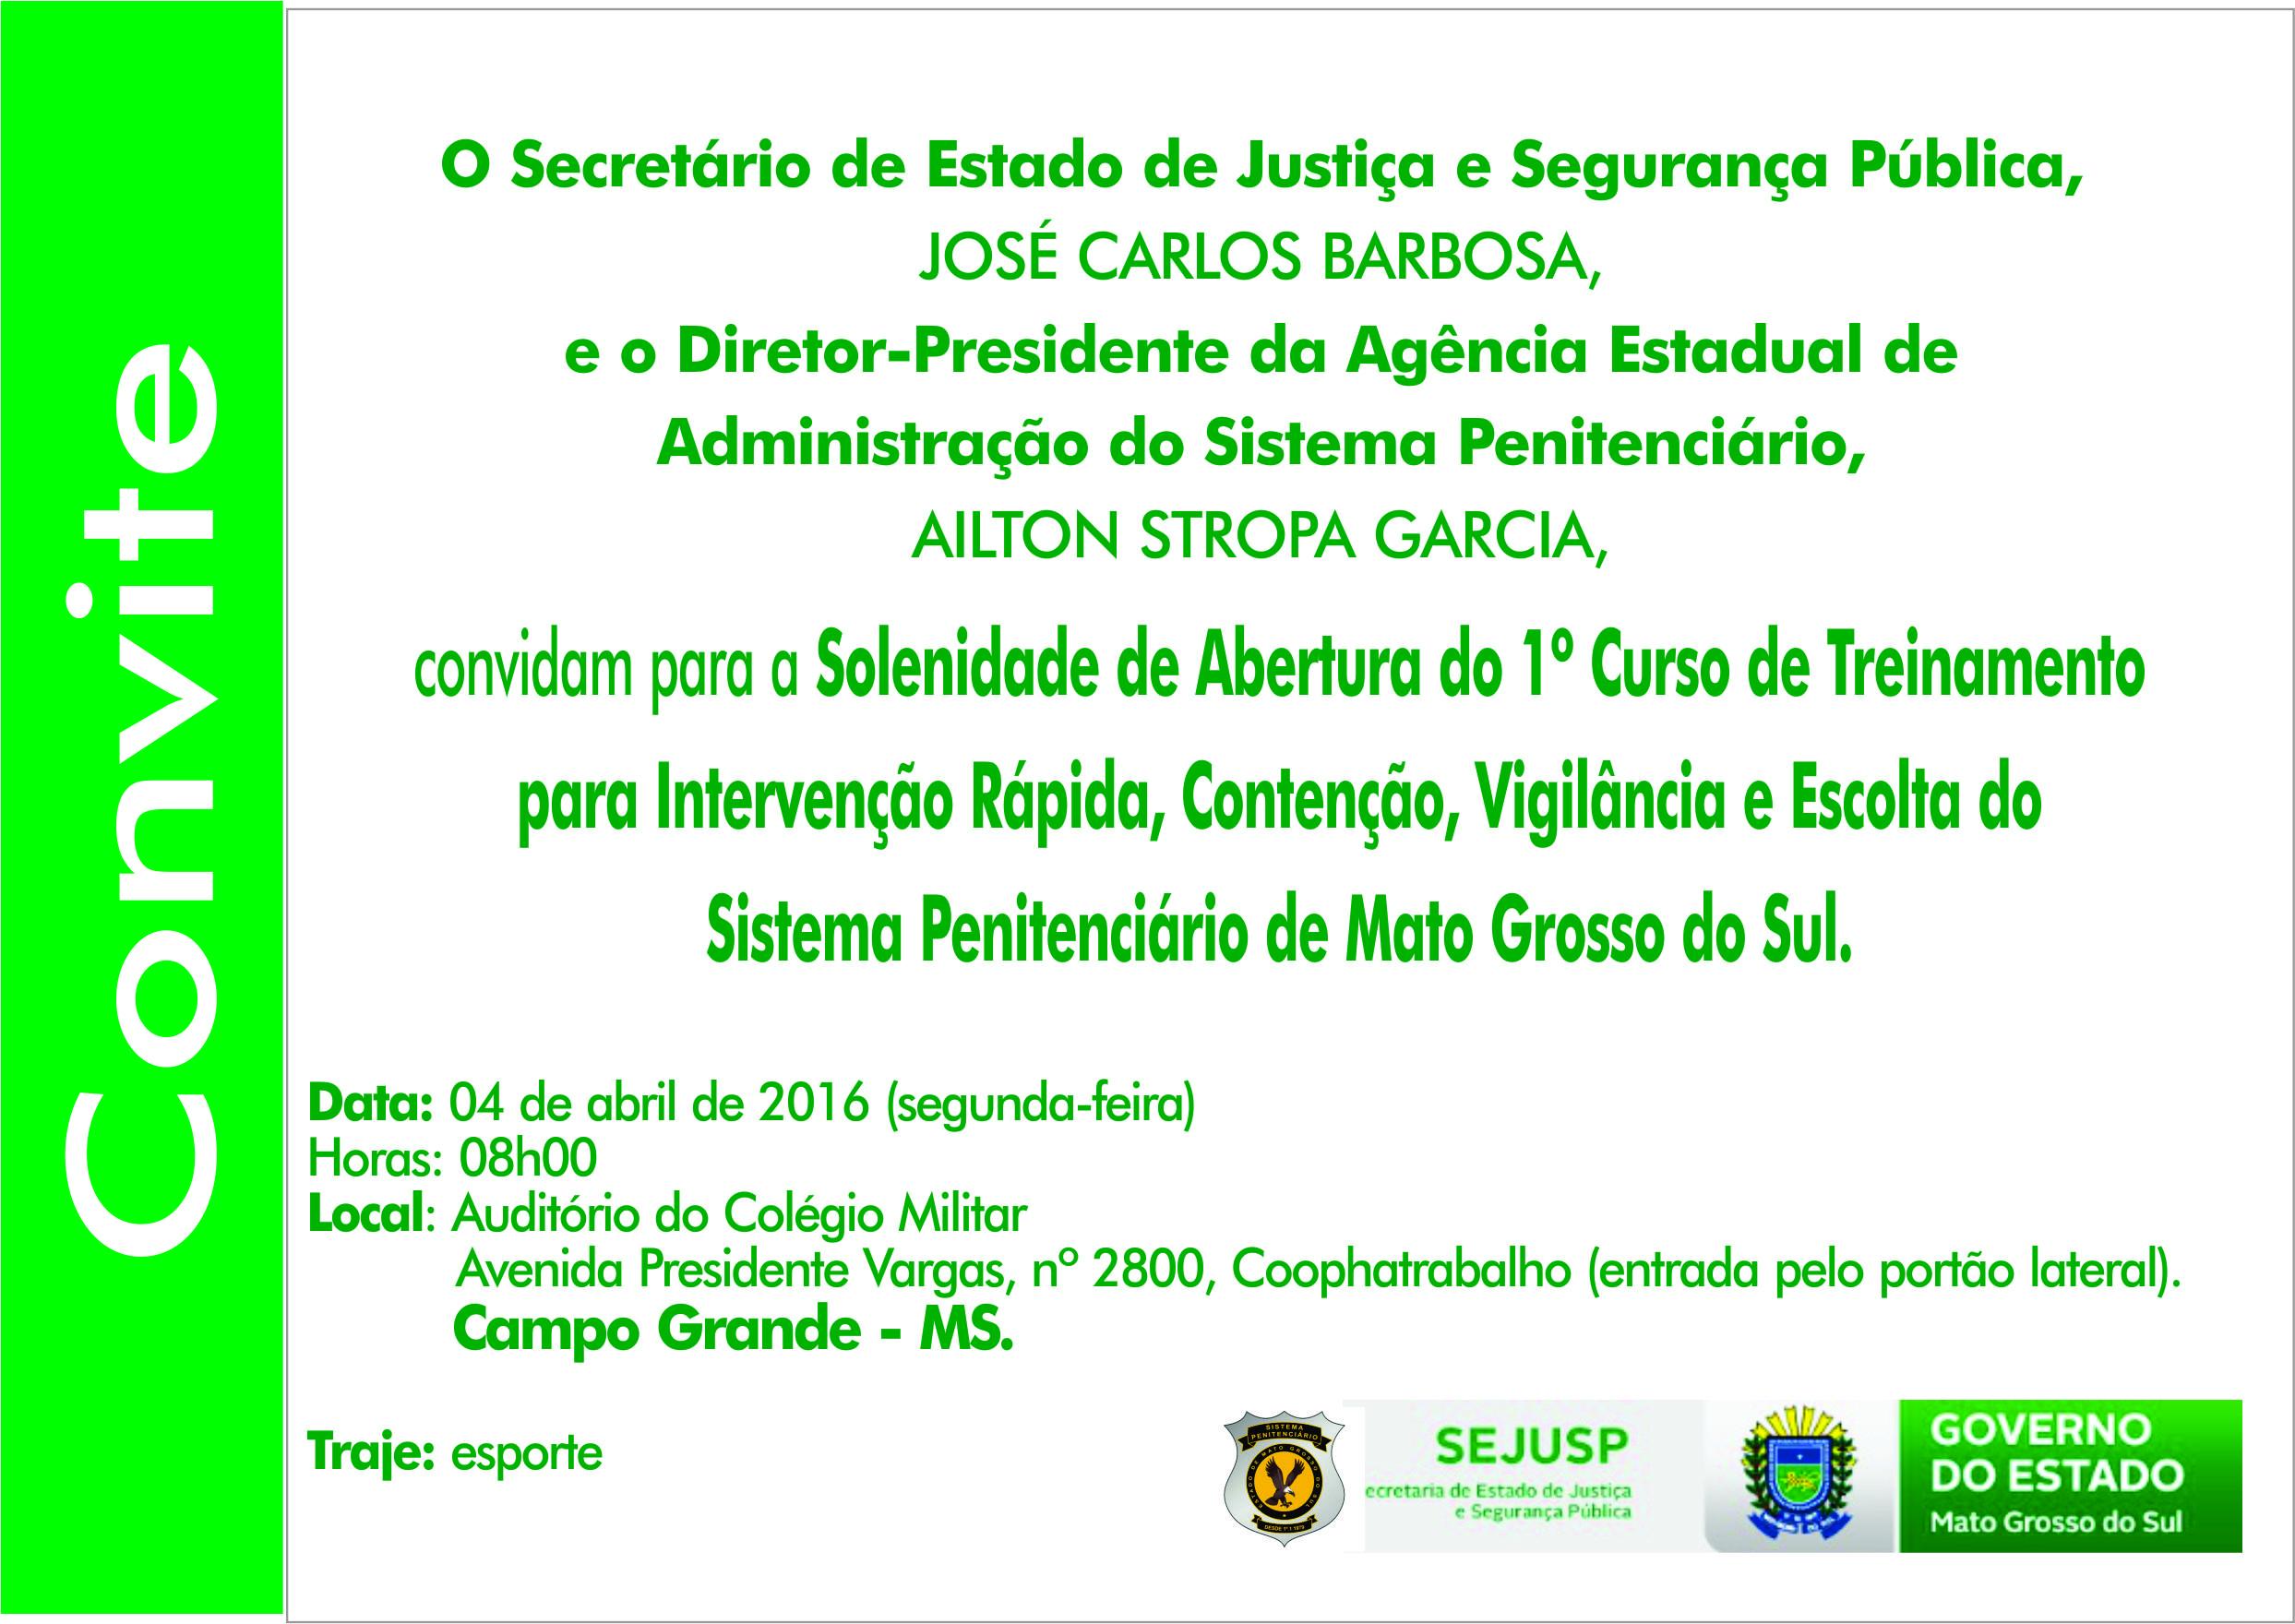 Convite Agepen - Solenidade de Abertura do 1º Treinamento para Intervenção Rápida, Contenção, Vigilância e Escolta do Sistema Penitenciário de MS